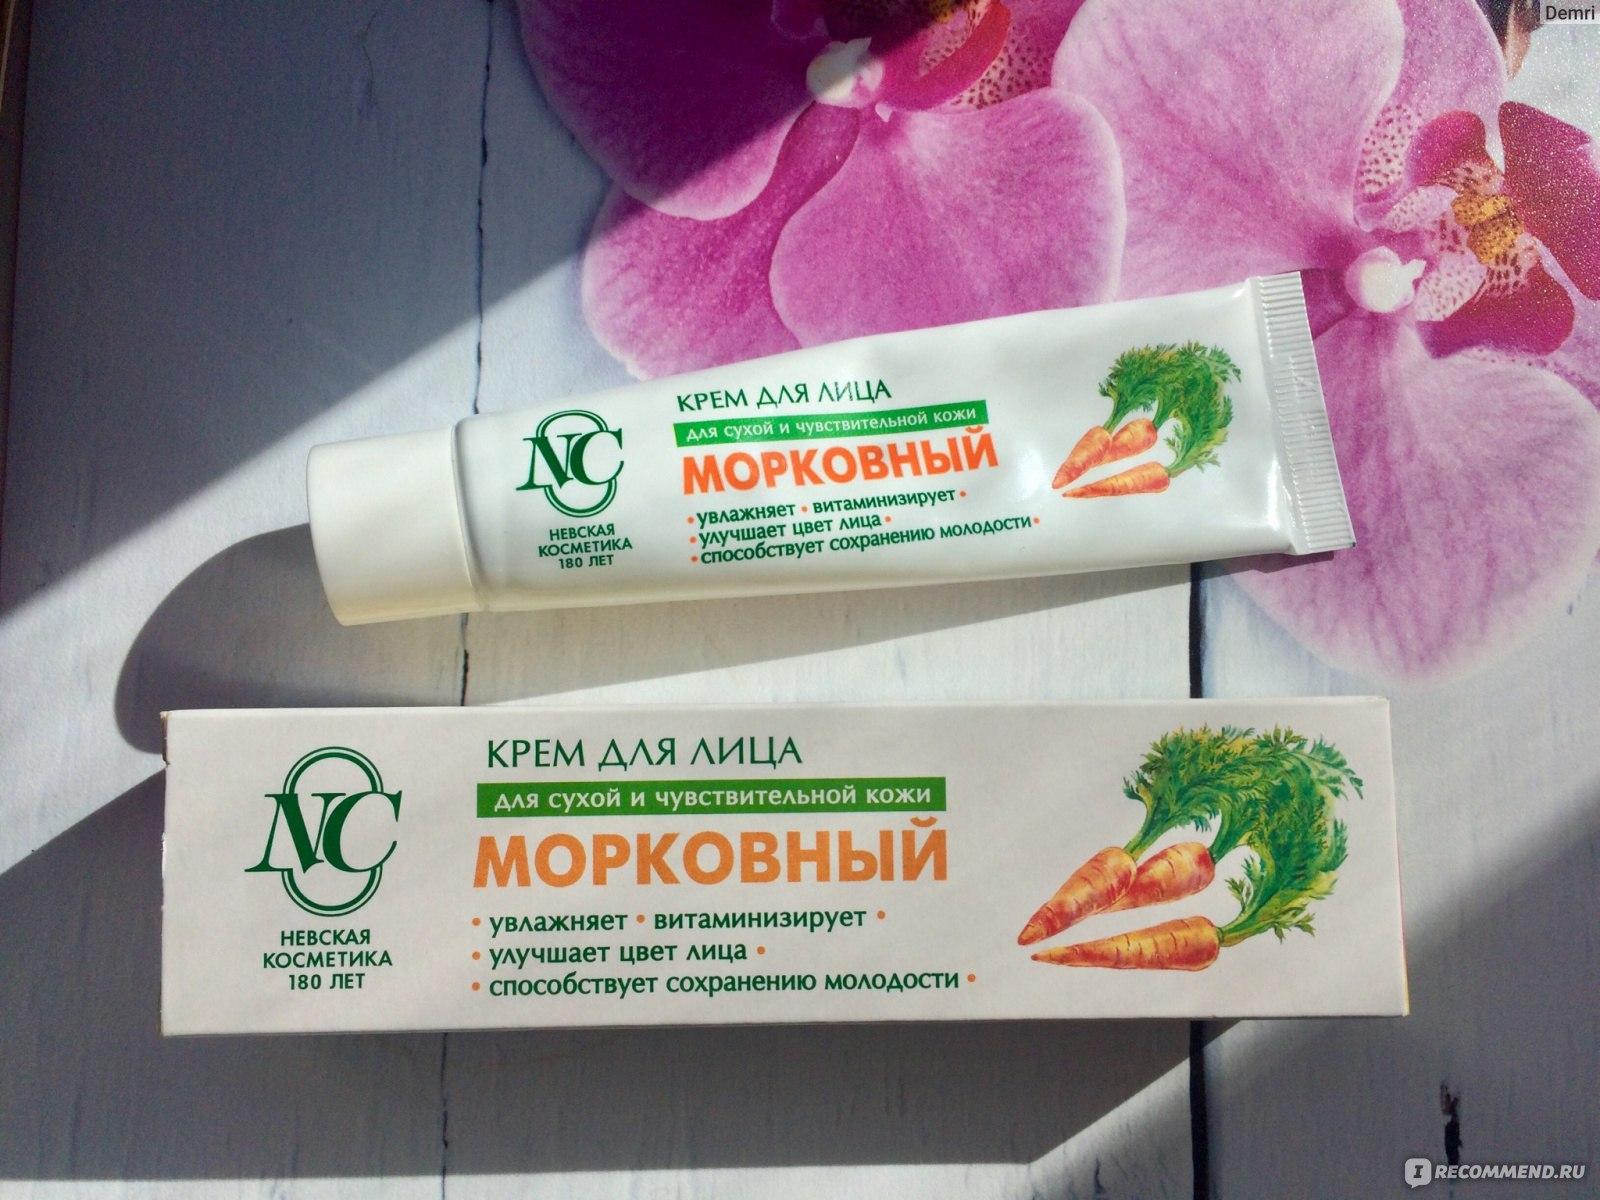 Морковный крем невская косметика купить регистрация на косметику avon